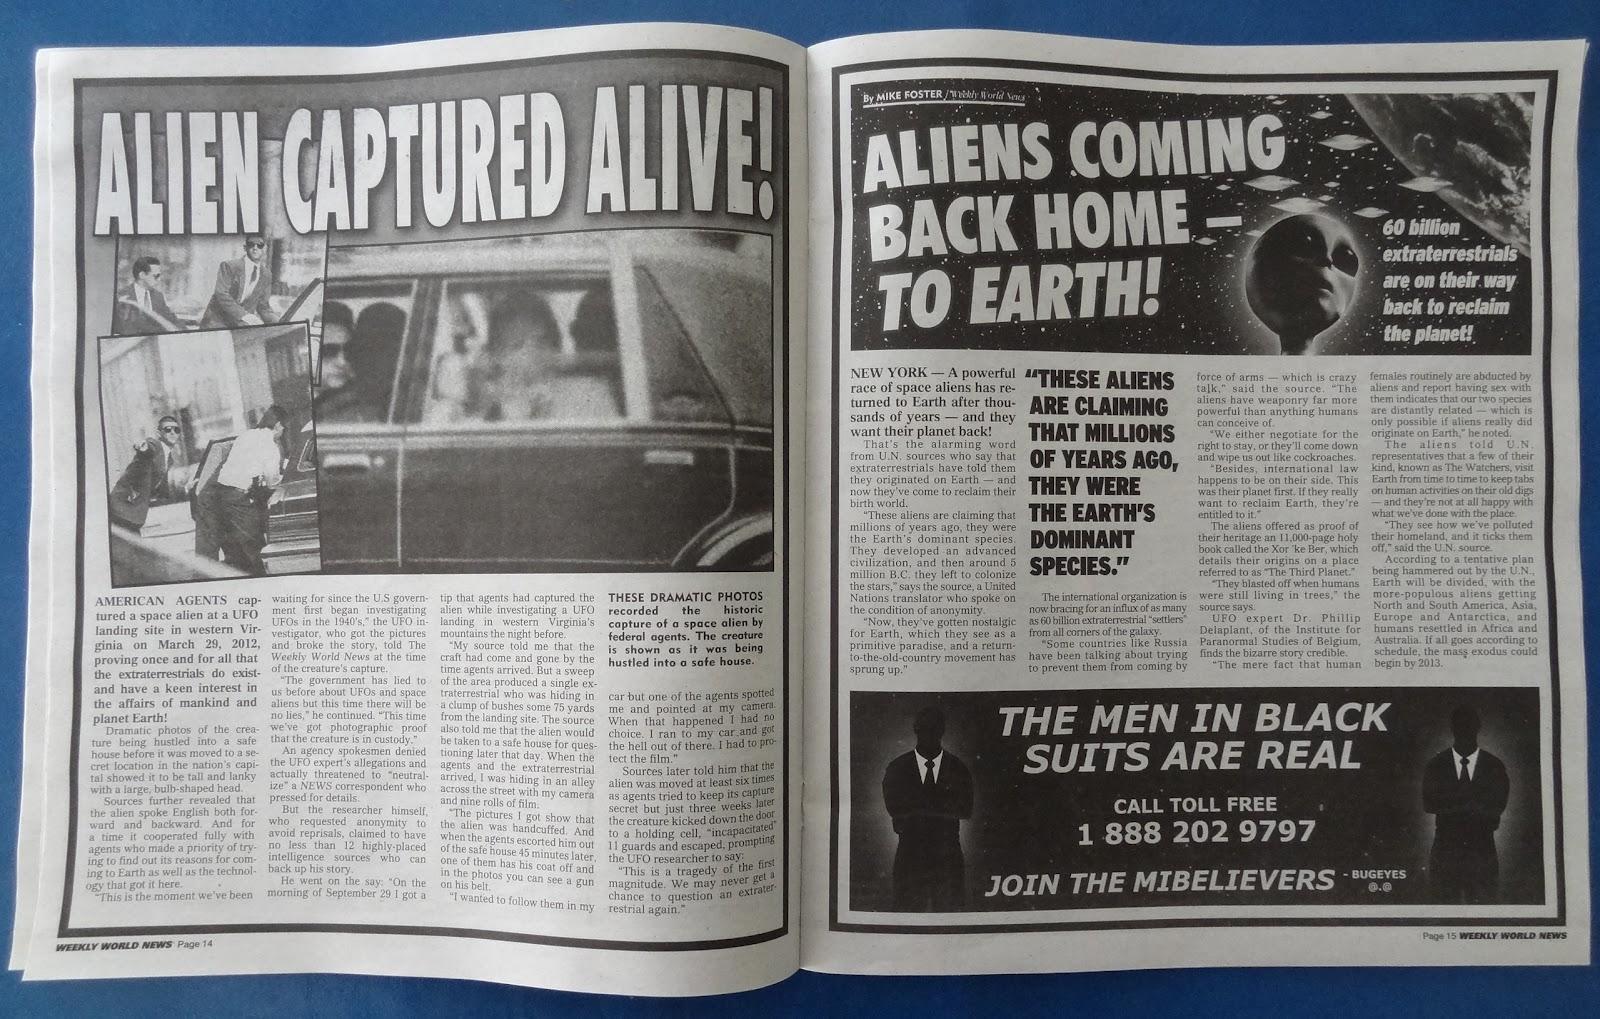 http://4.bp.blogspot.com/-YJeROjBR5dY/T7Vy_0gJGUI/AAAAAAAADPE/ZQ39ghNLFGU/s1600/Men+in+Black+3+MIB3+Weekly+World+News+Promo+Alien+Captured+Alive+UFO.JPG